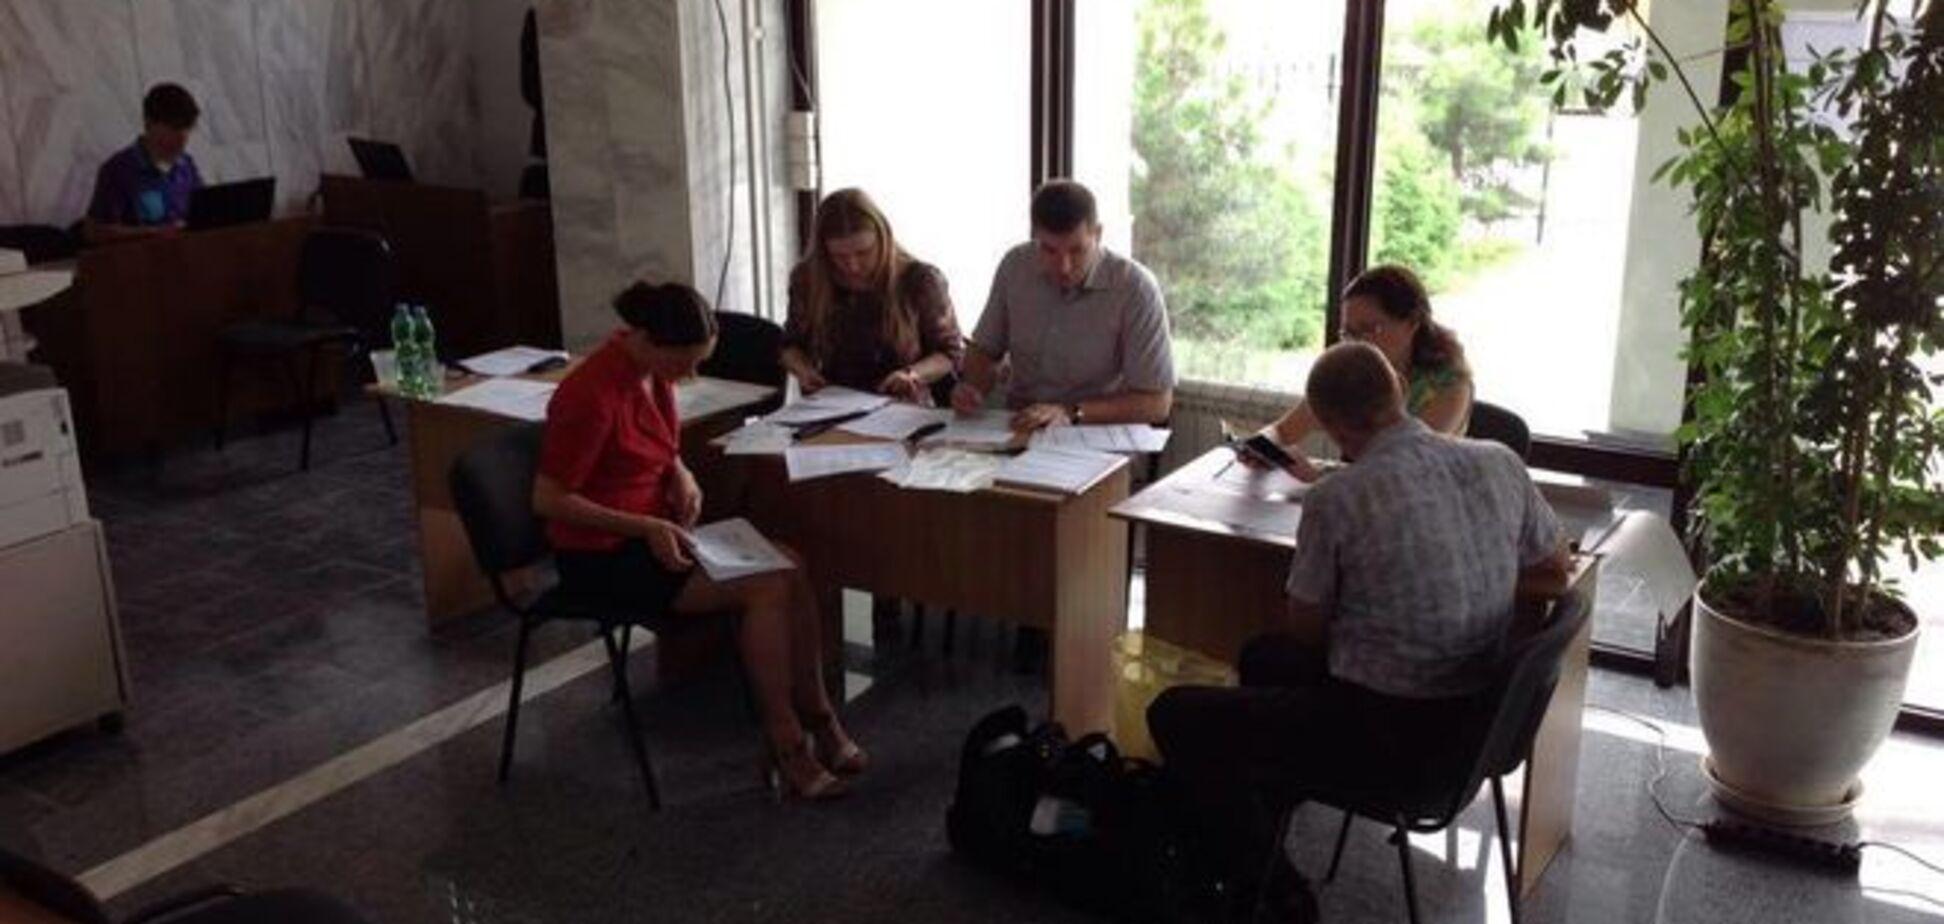 В Україні стартував набір на посади районних прокурорів: шукають чесних